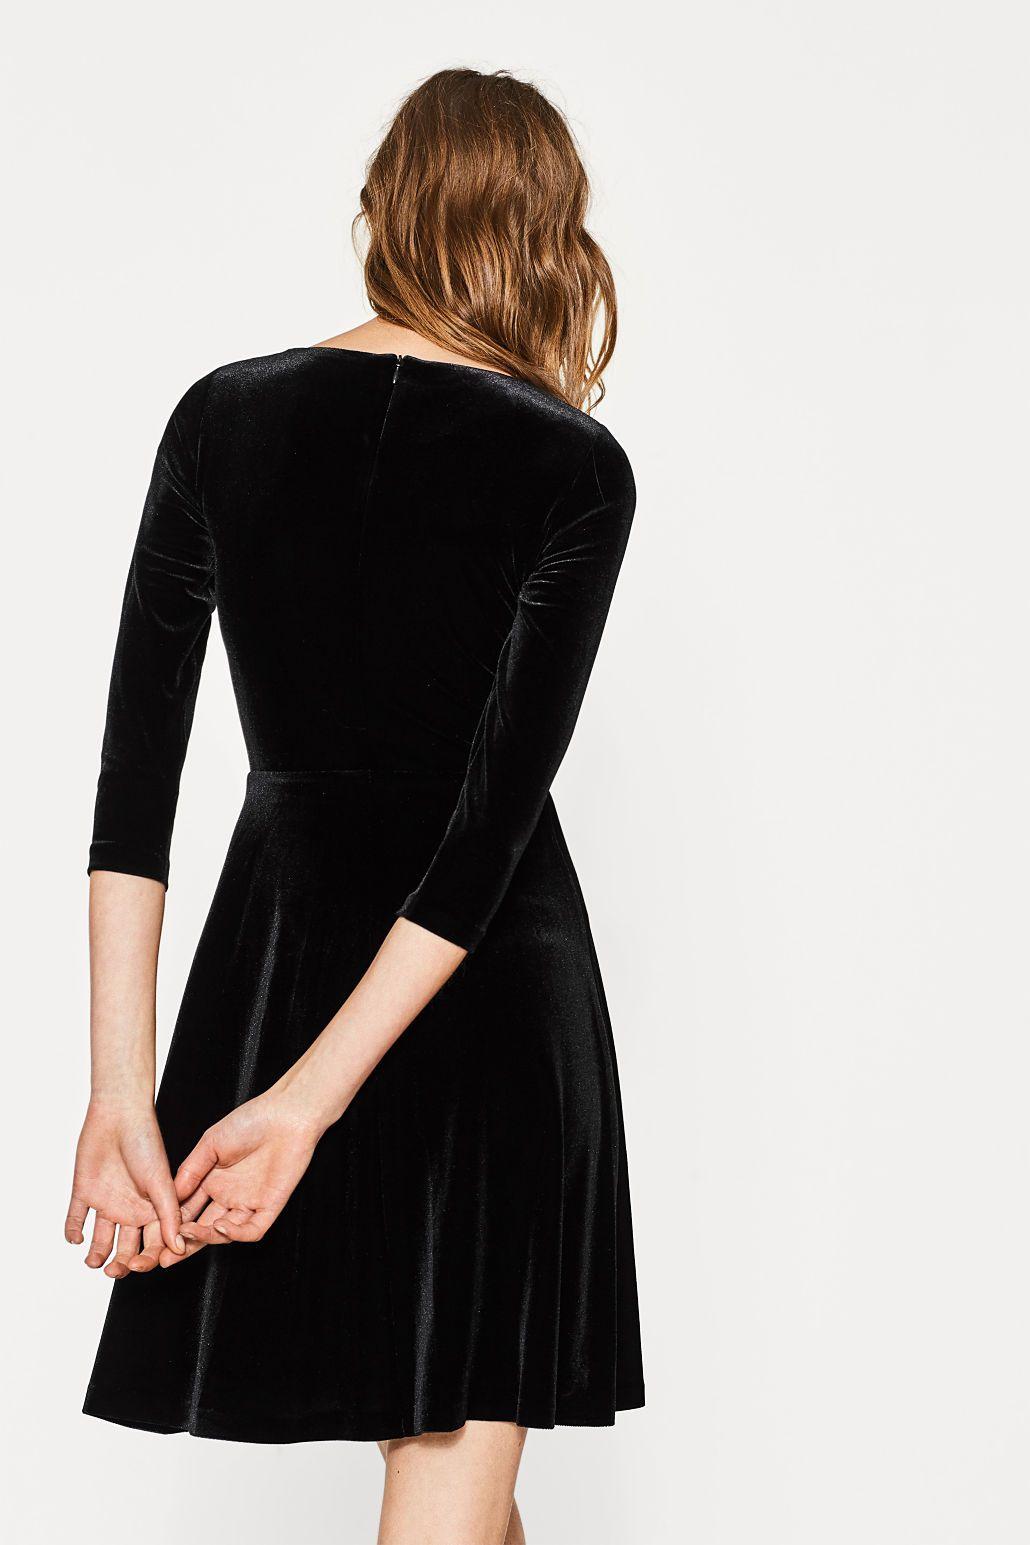 pin von eva wicki auf little black dress | festliche